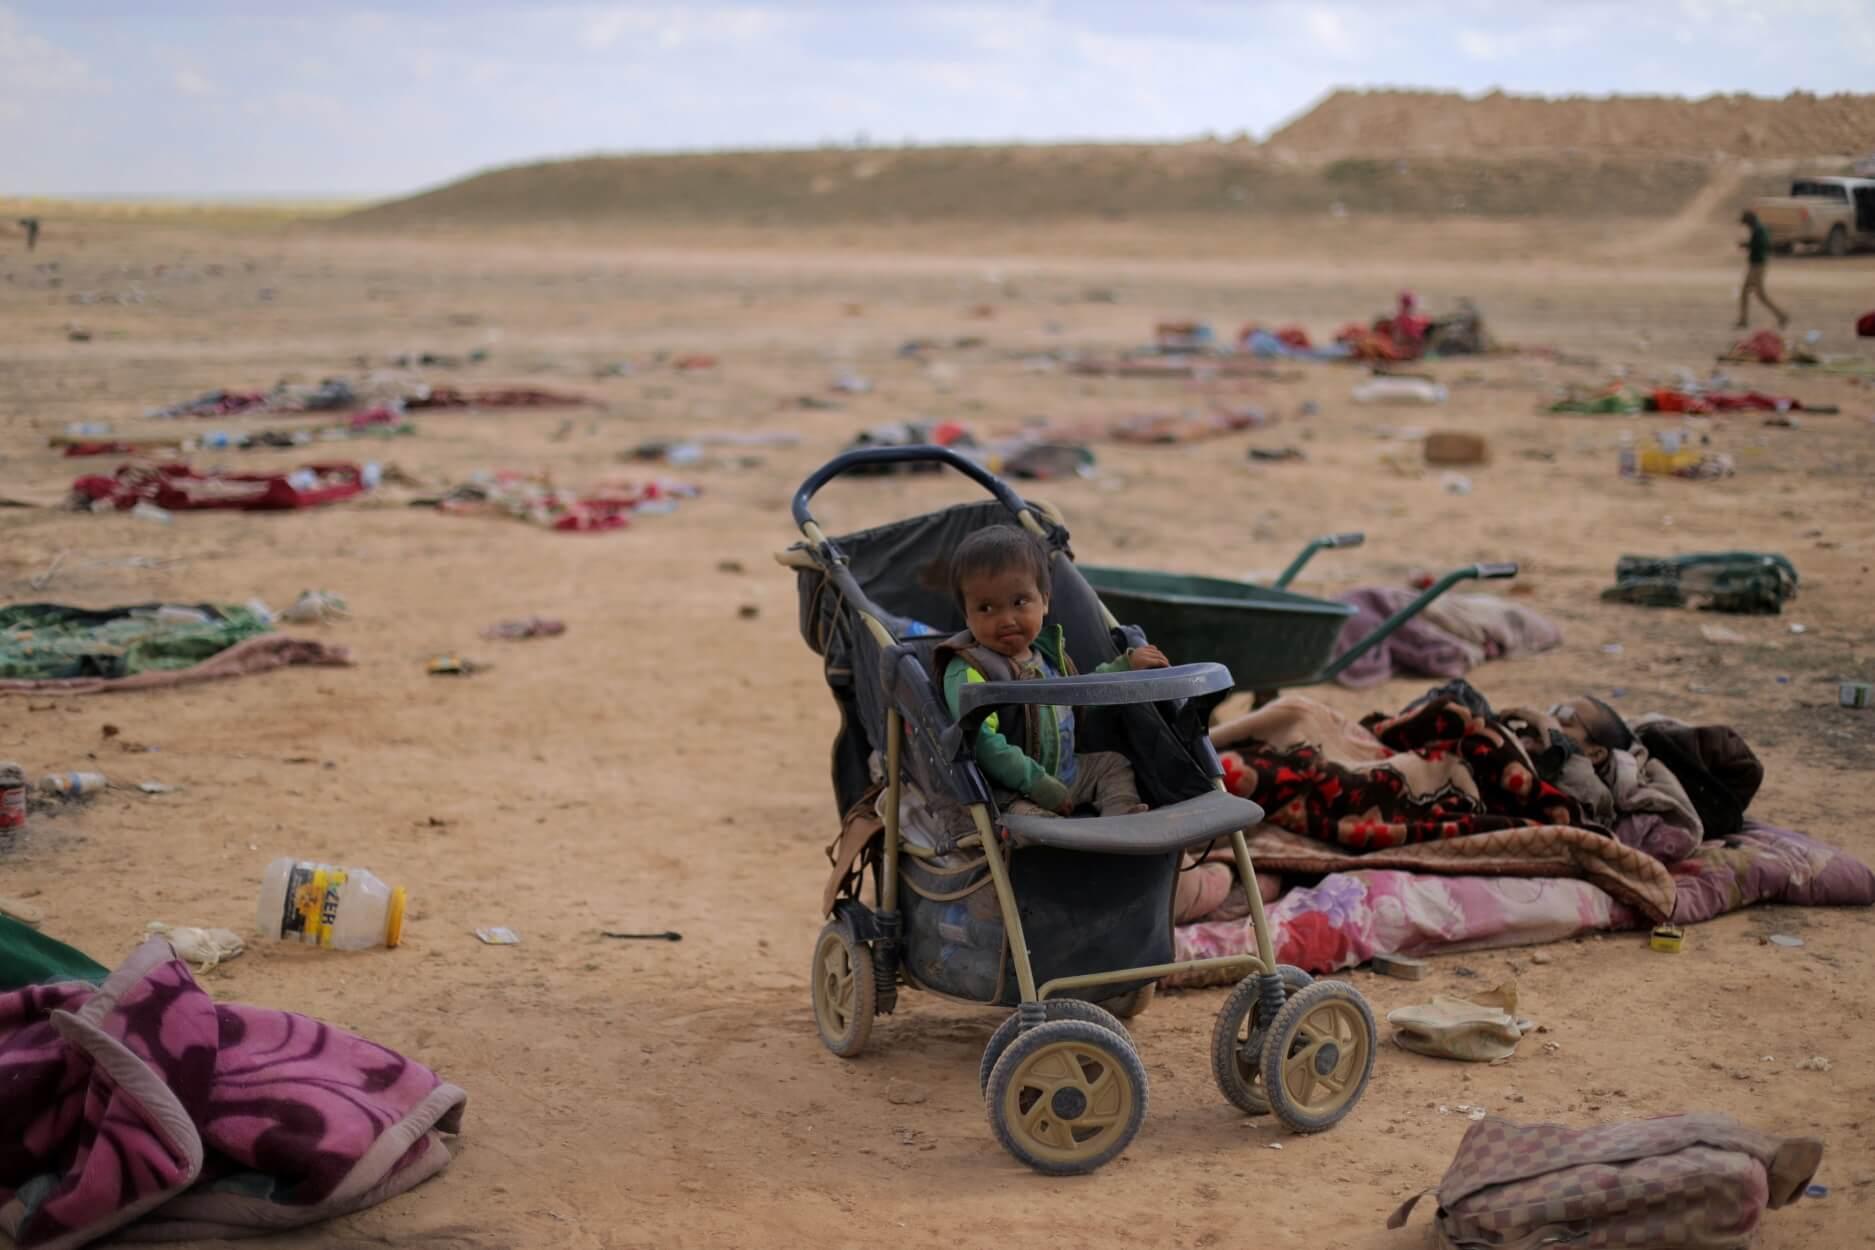 Συγκλονιστικό – Σκοτώνονται ακόμα μικρά παιδιά στη ρημαγμένη Συρία!